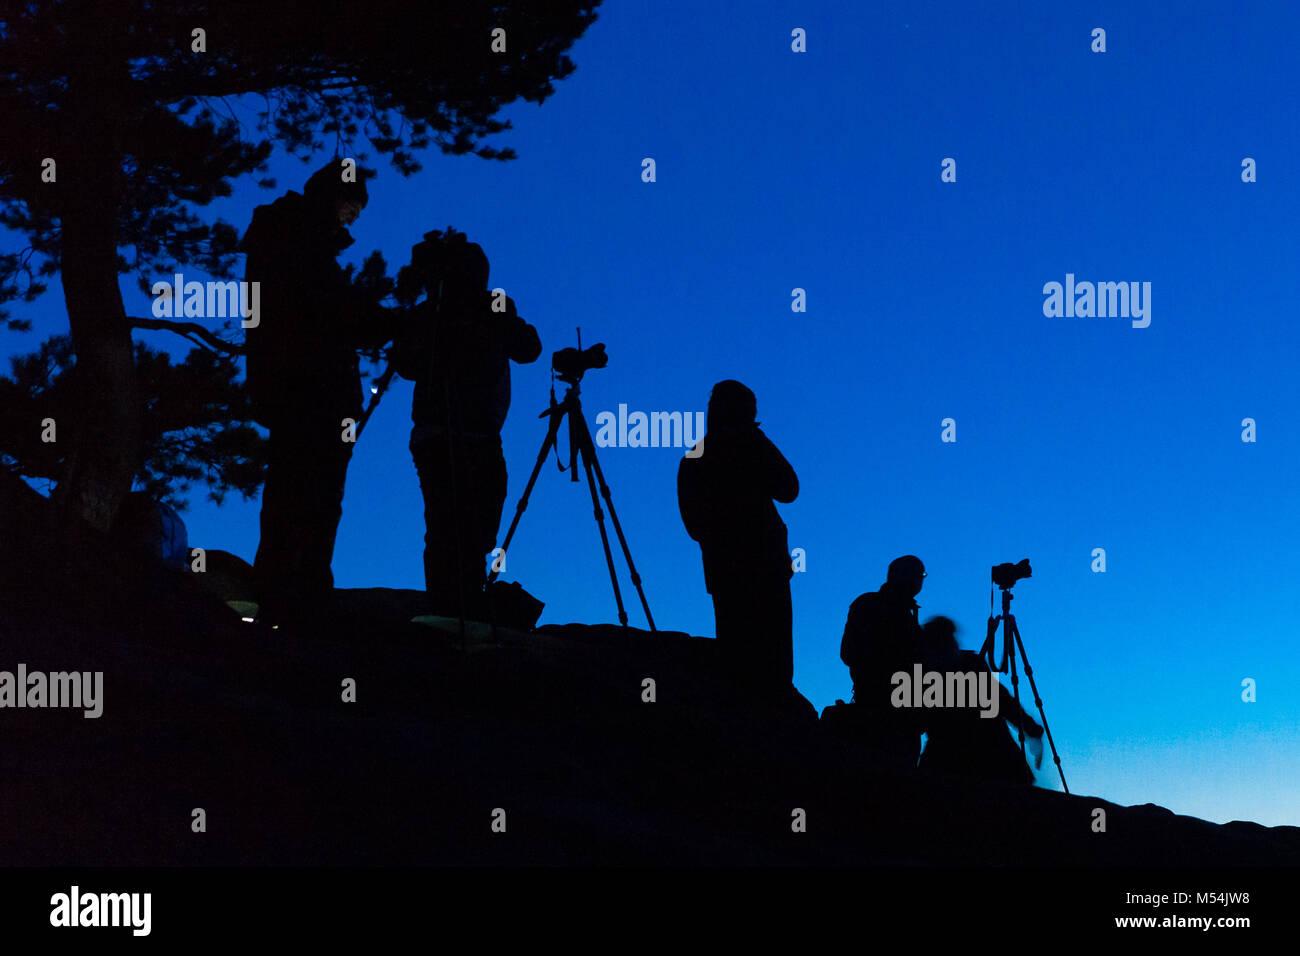 Fotografen bei Nachtaufnahmen - Stock Image